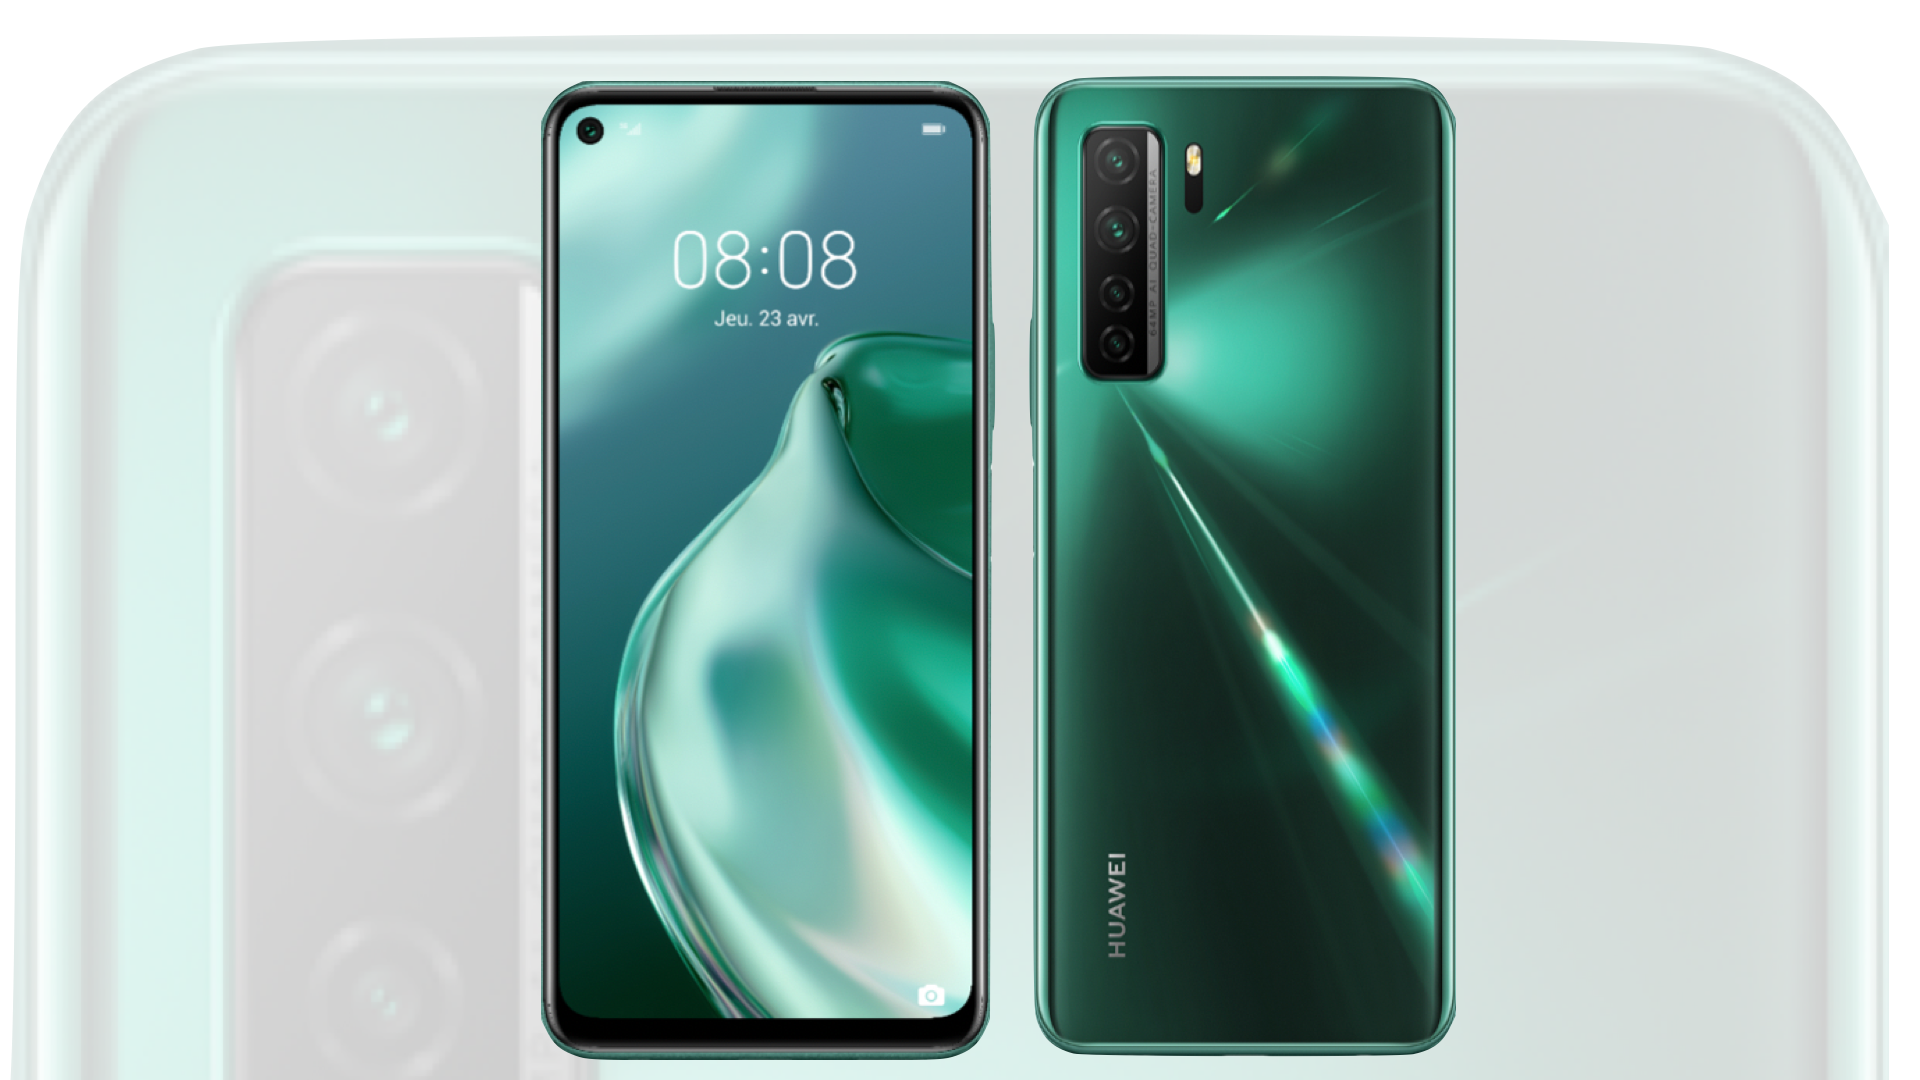 HUAWEI annonce la disponibilité du HUAWEI P40 lite 5G en France